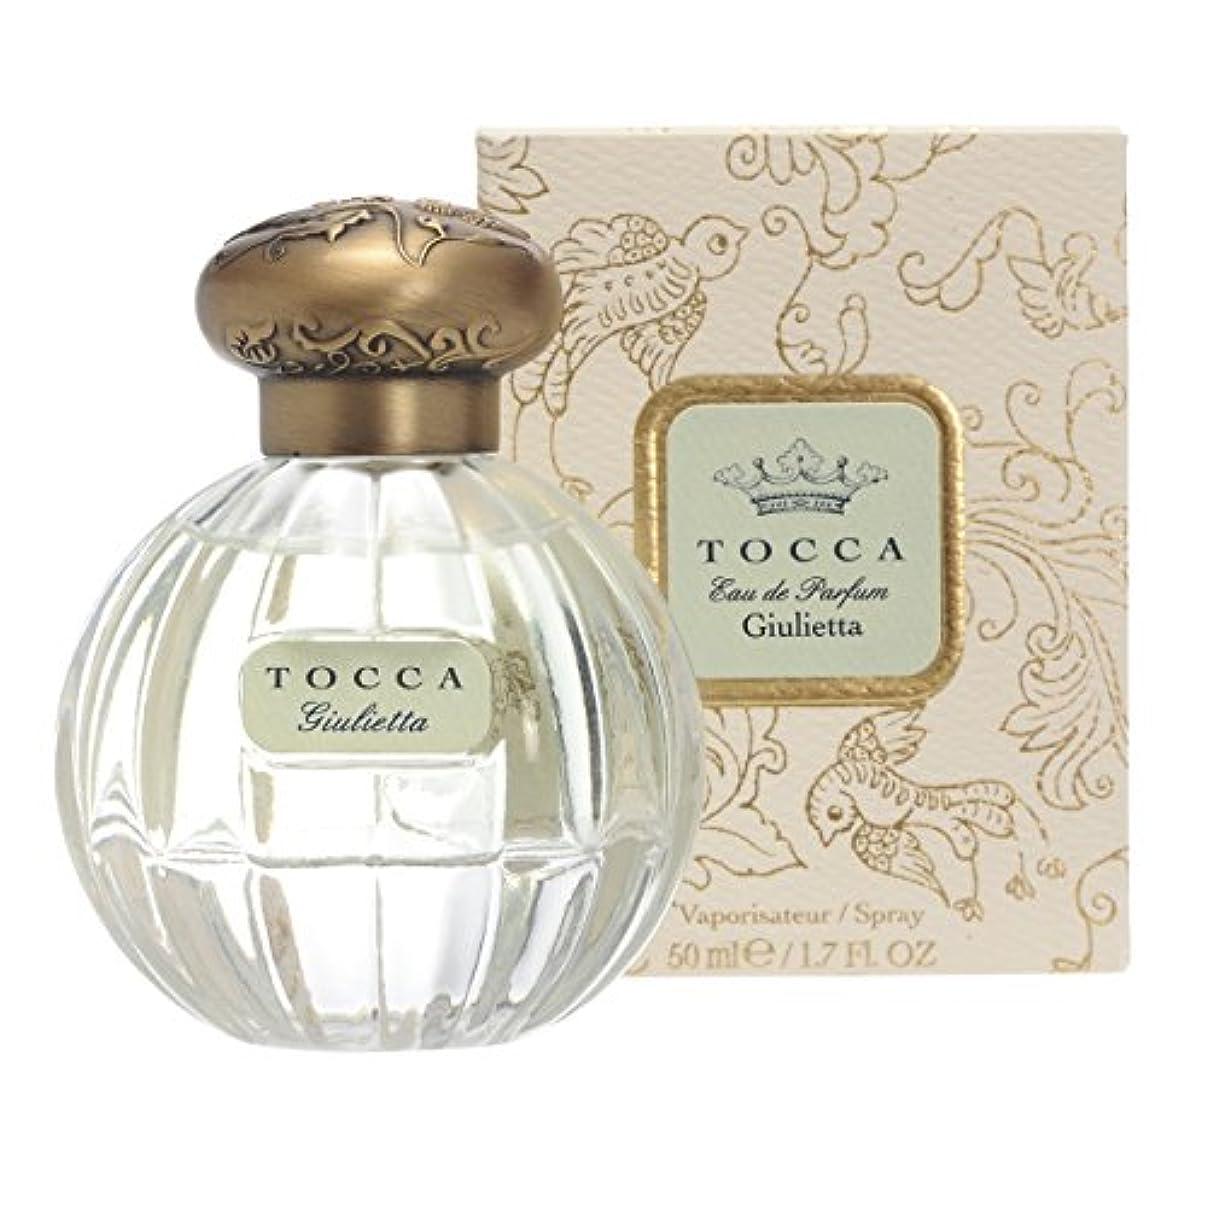 脆いしおれたシエスタトッカ(TOCCA) オードパルファム ジュリエッタの香り 50ml(香水 映画監督と女優である妻とのラブストーリーを描く、グリーンアップルとチューリップの甘く優美な香り)